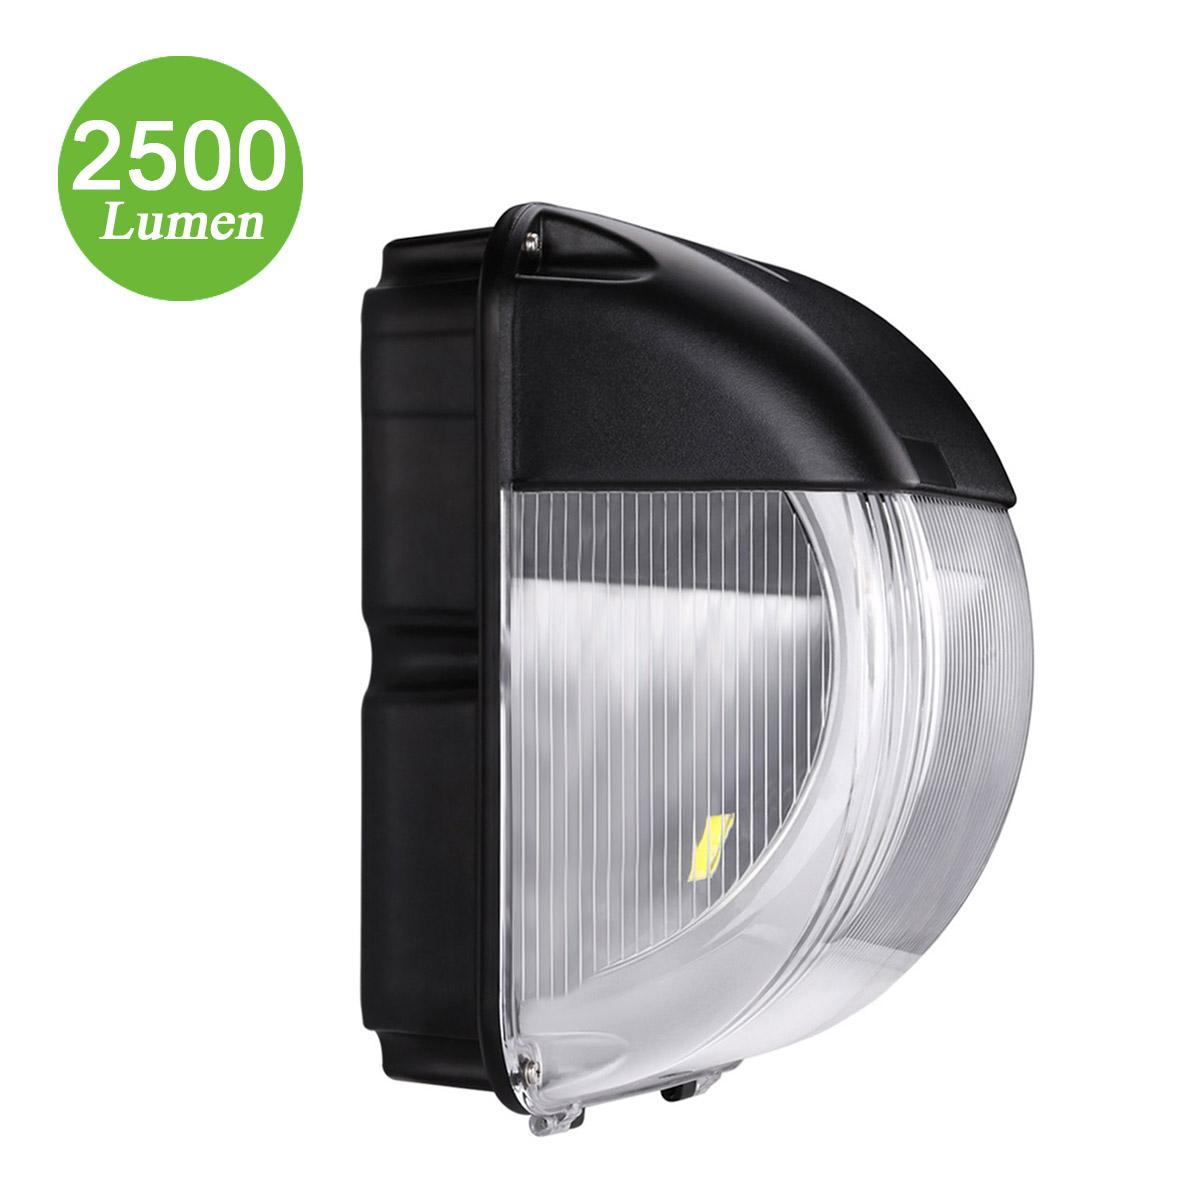 30W LED Außenwandleuchte, 2500lm Wandleuchten, ersetzt 80W HM-Lampe, Wasserdicht, Kaltweiß